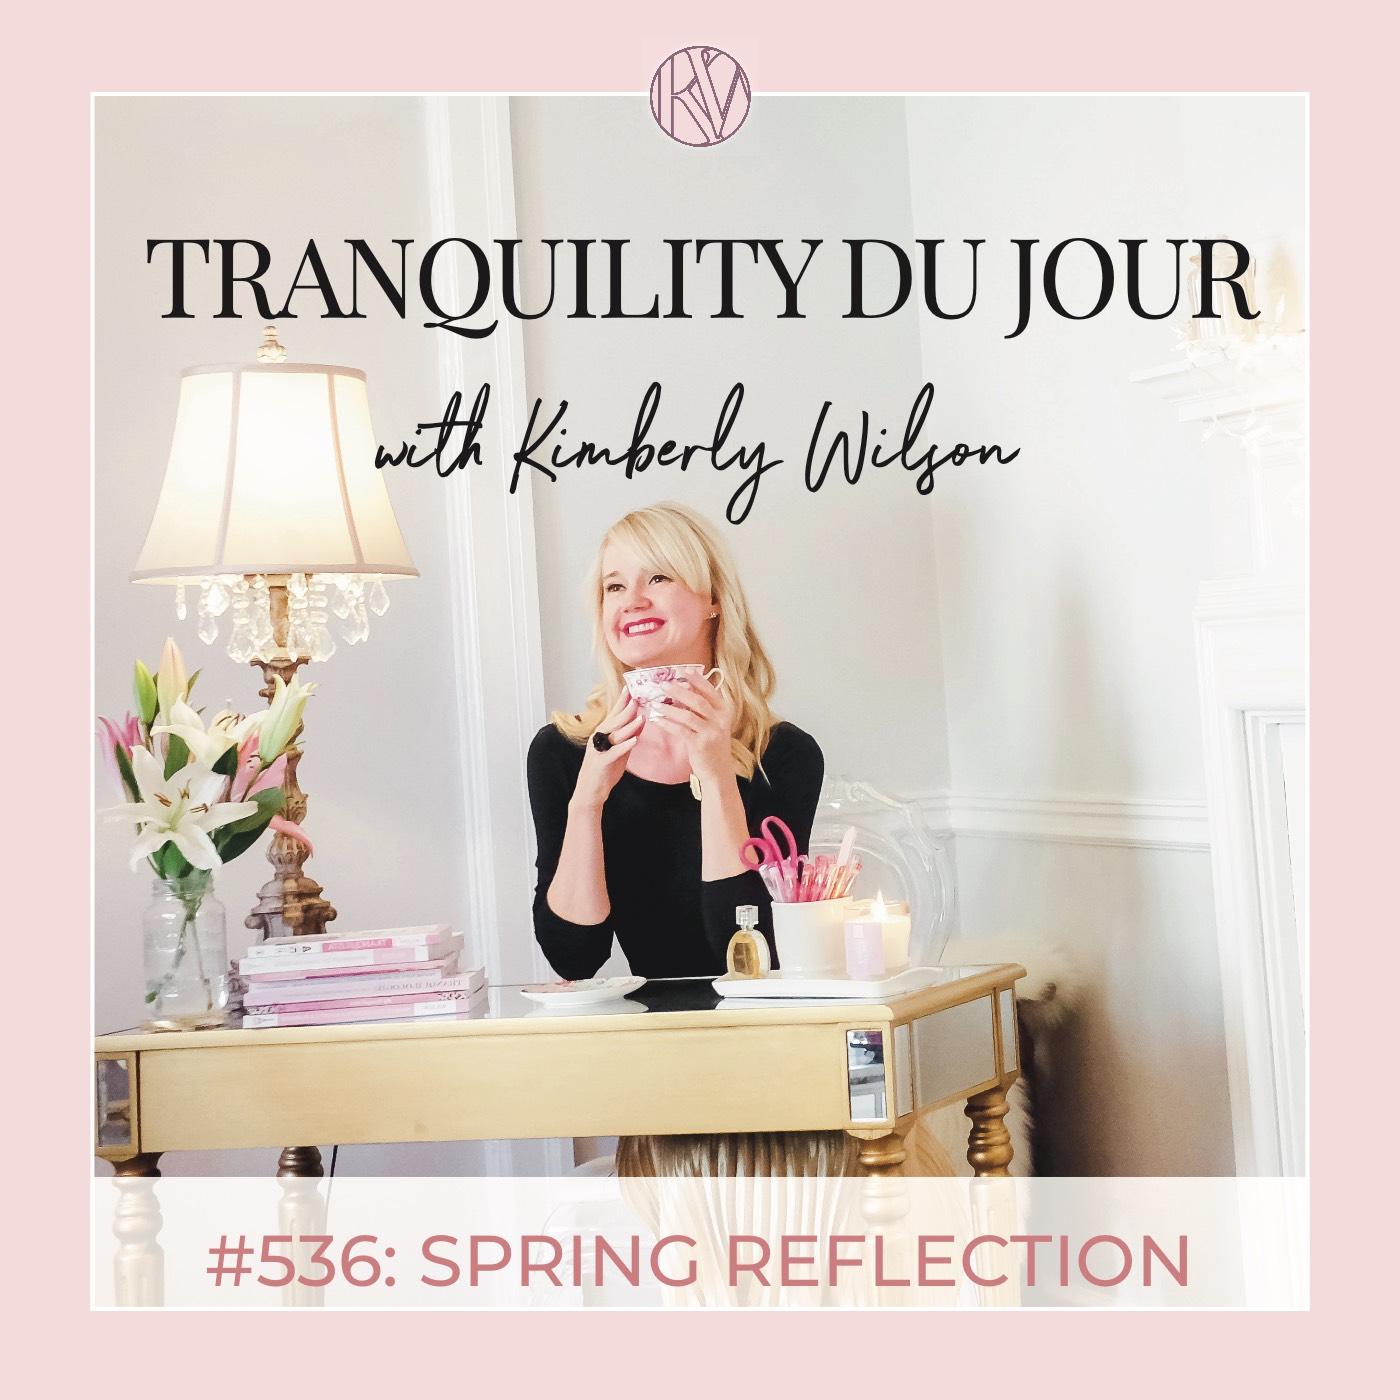 TDJ 536: Spring Reflection